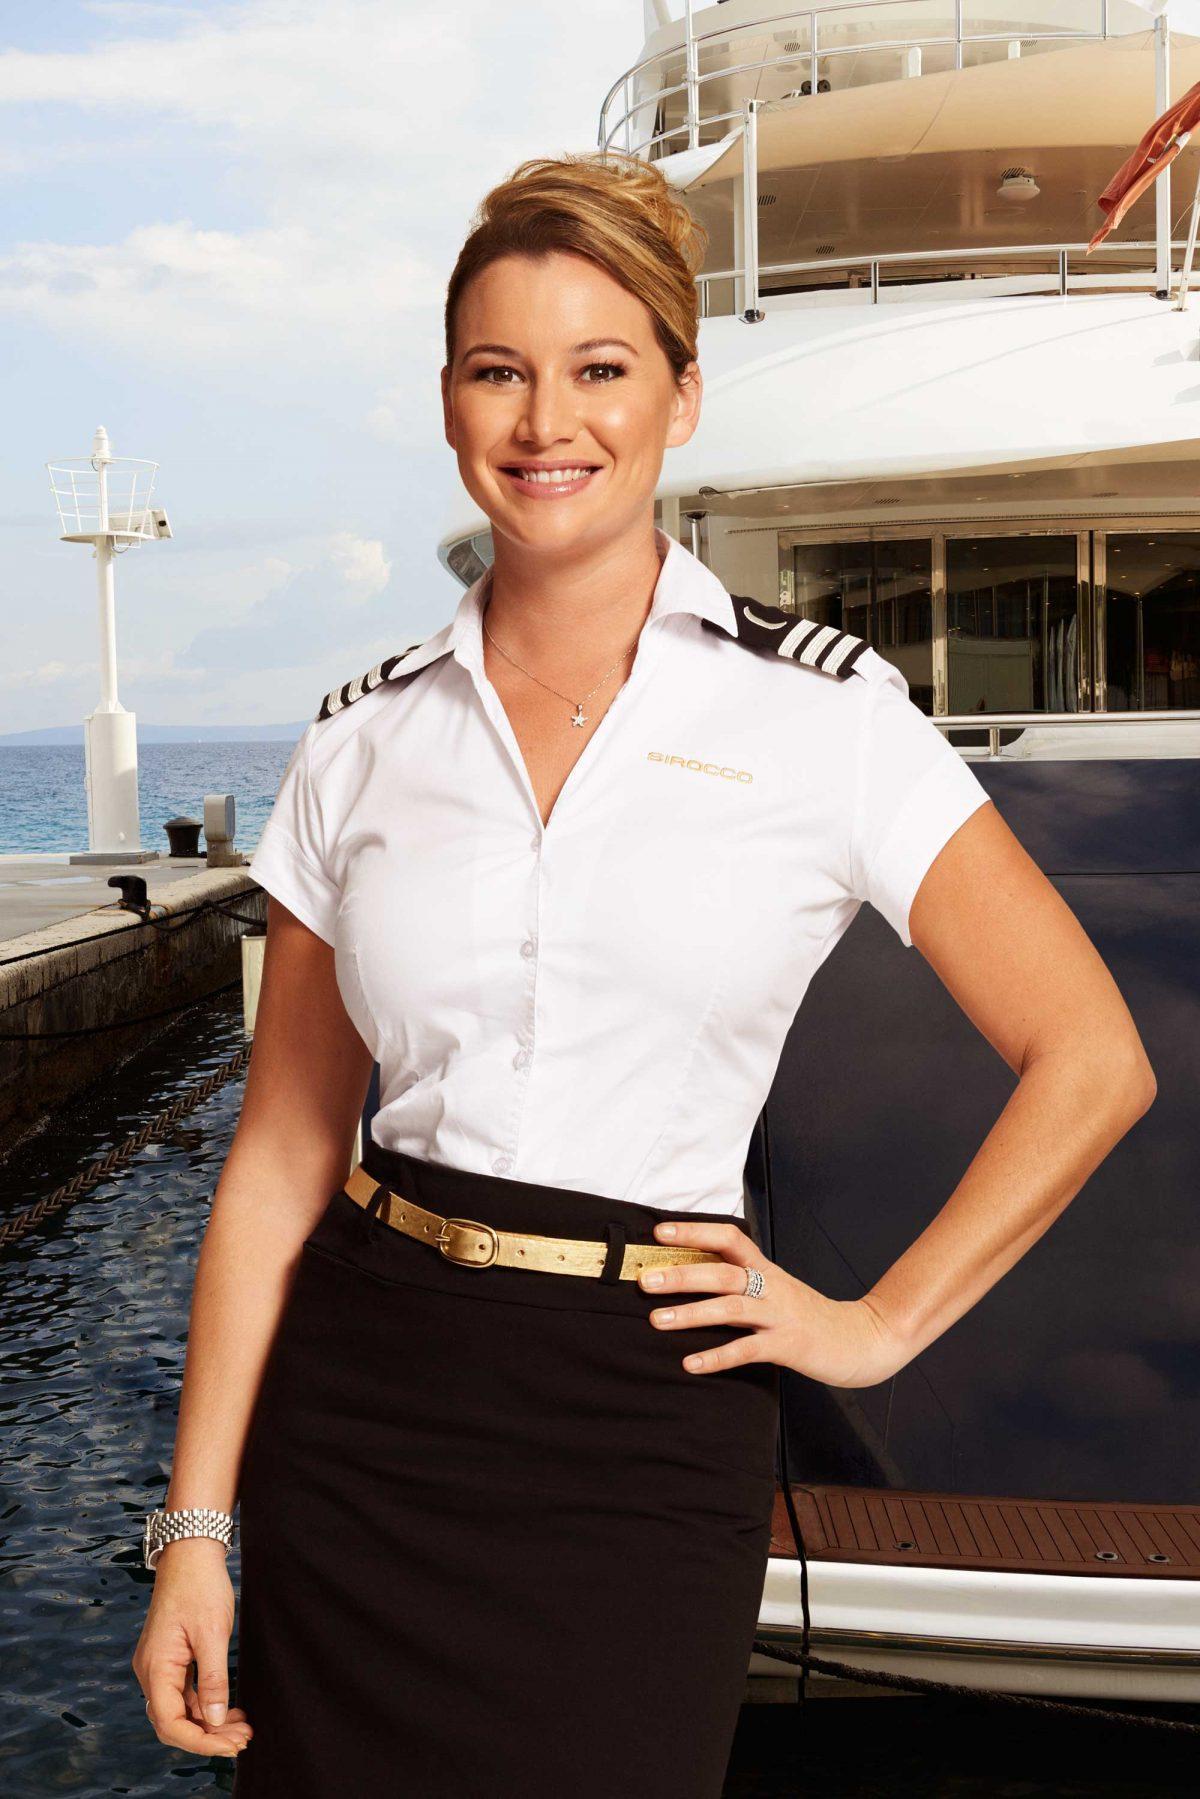 Требуется стюардесса на яхту.